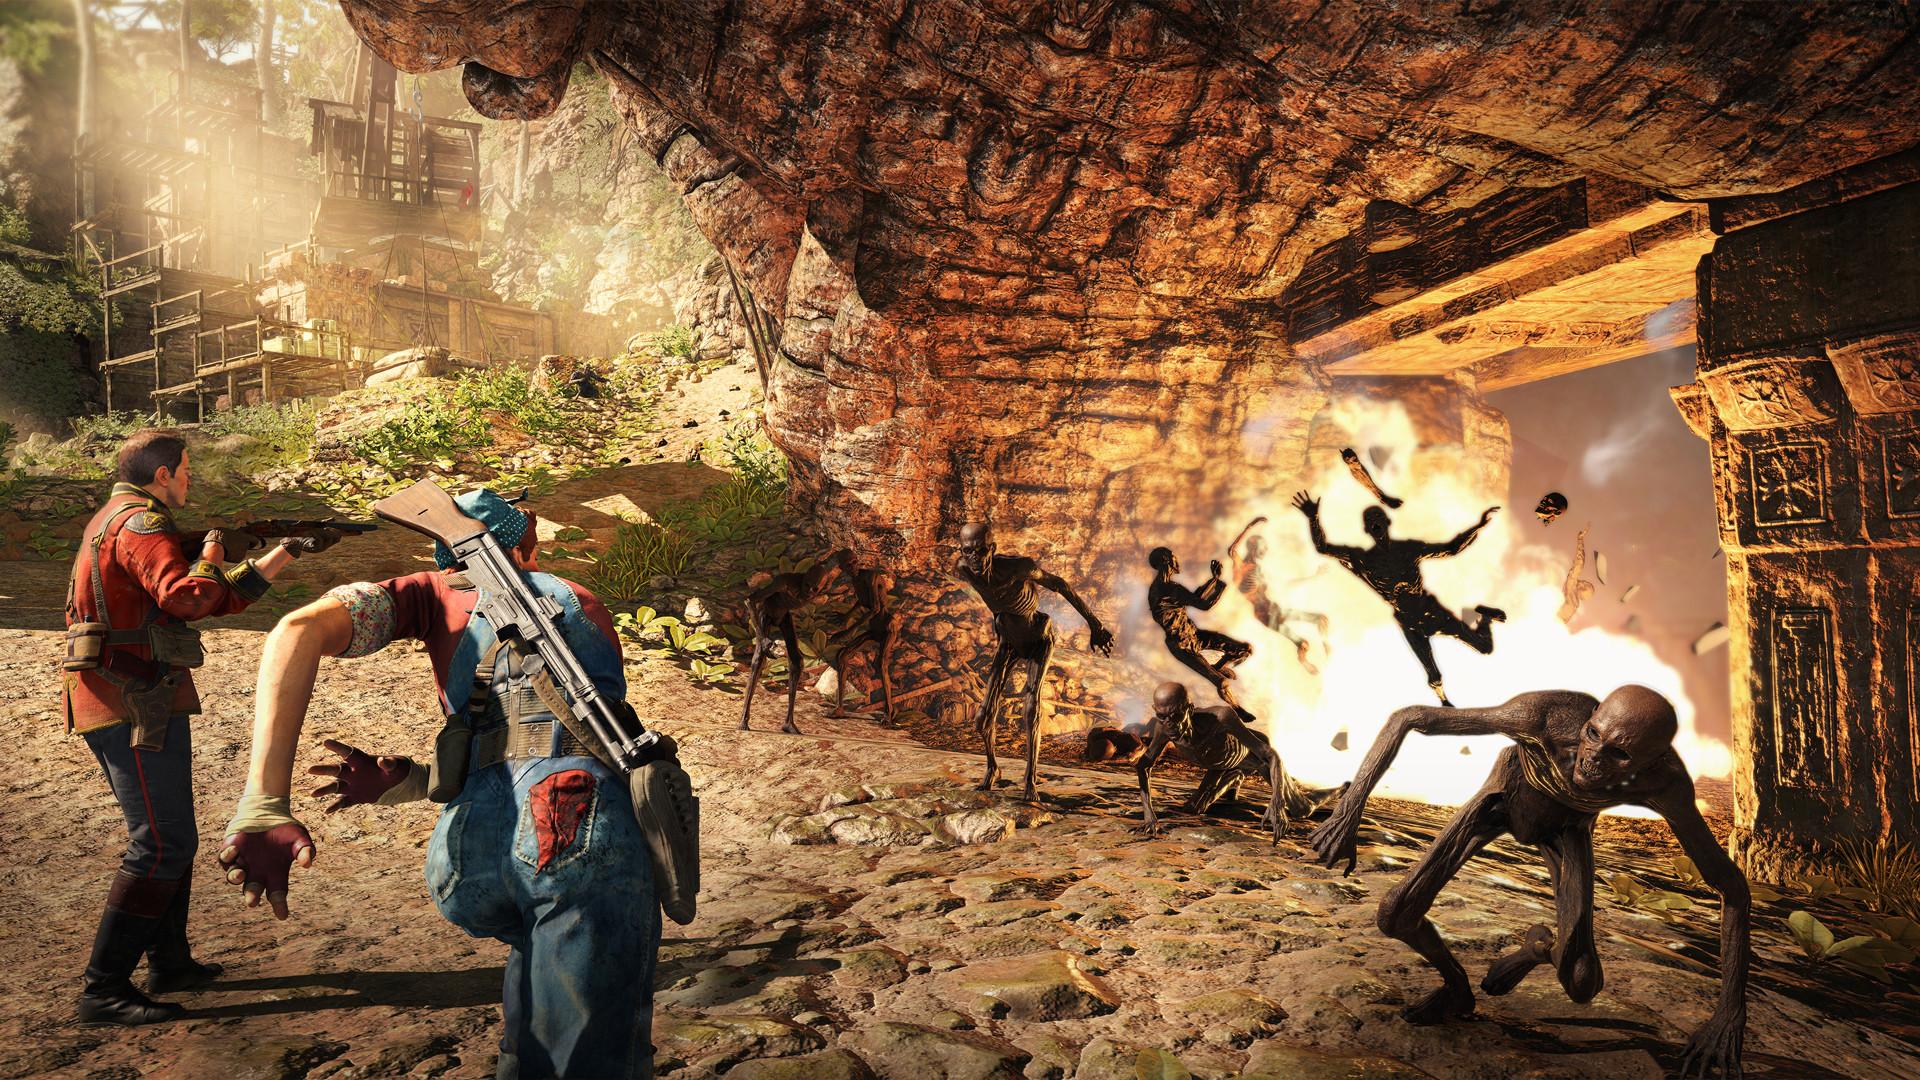 Появились системные требования Strange Brigade от авторов Sniper Elite. В игре будет Denuvo